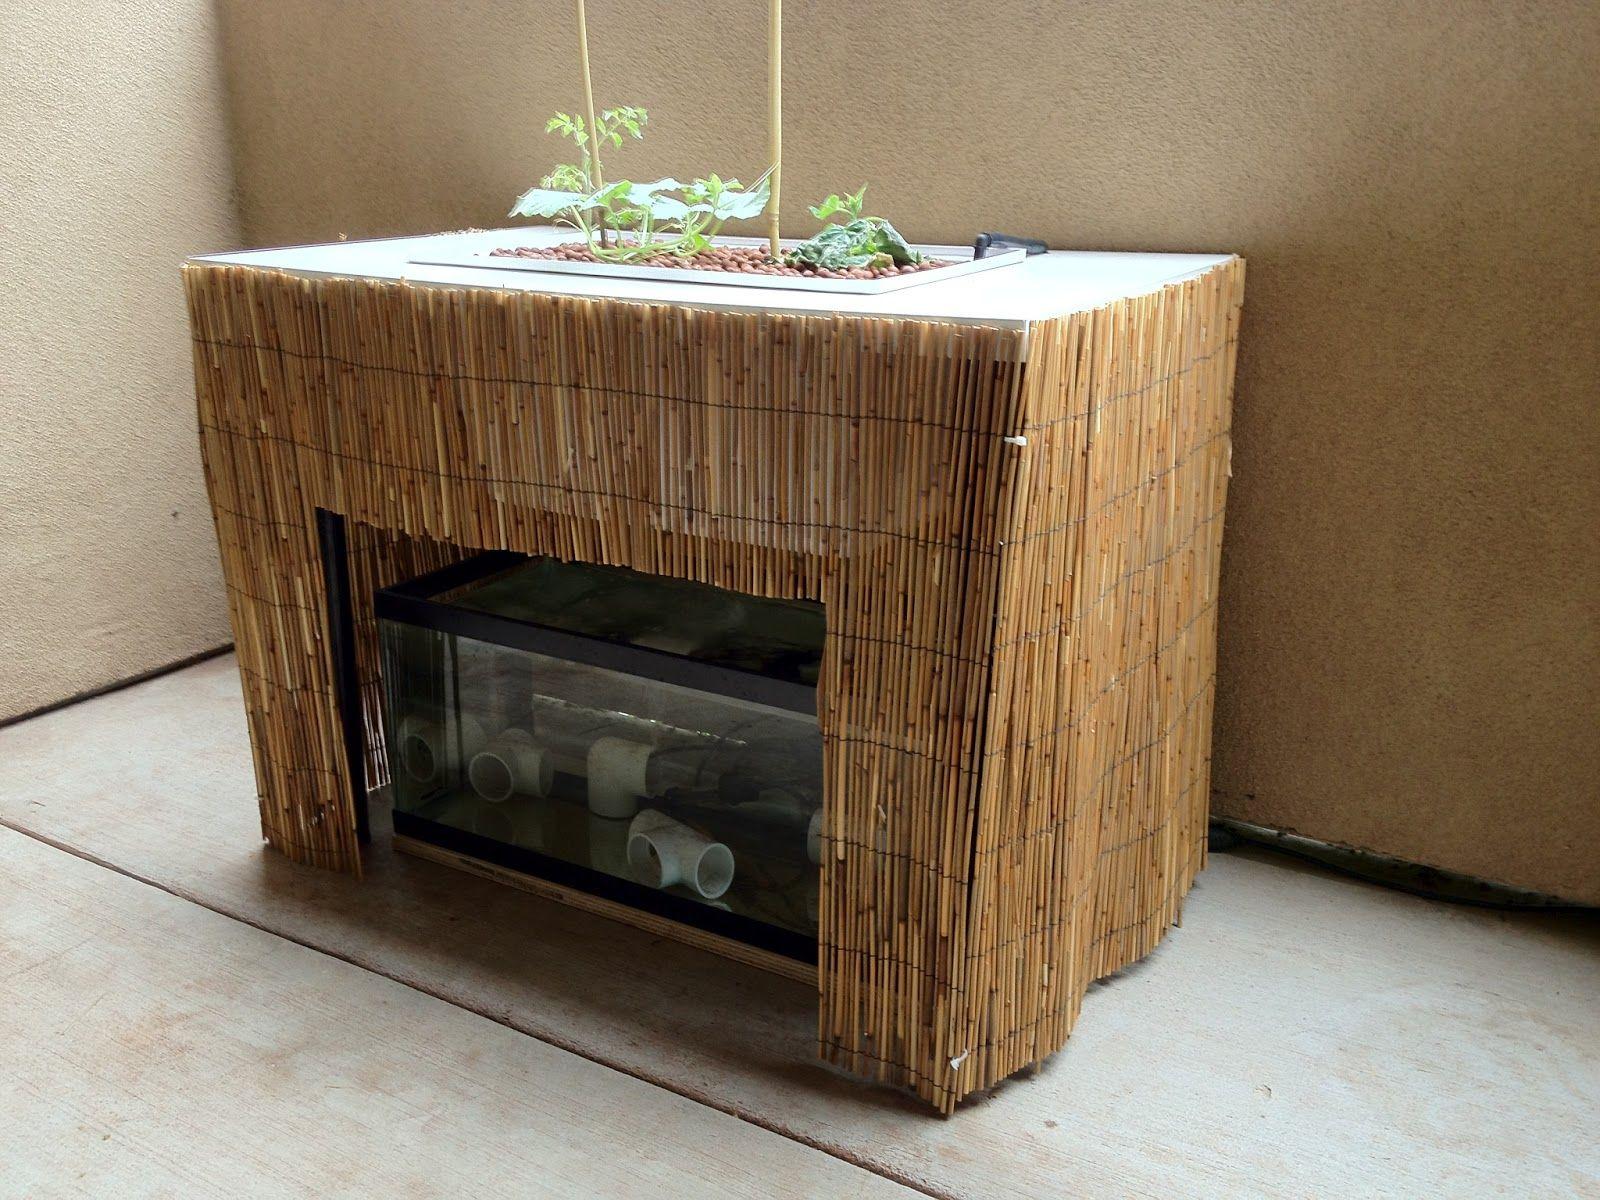 Diy Apartment Patio Aquaponics Fish Tank